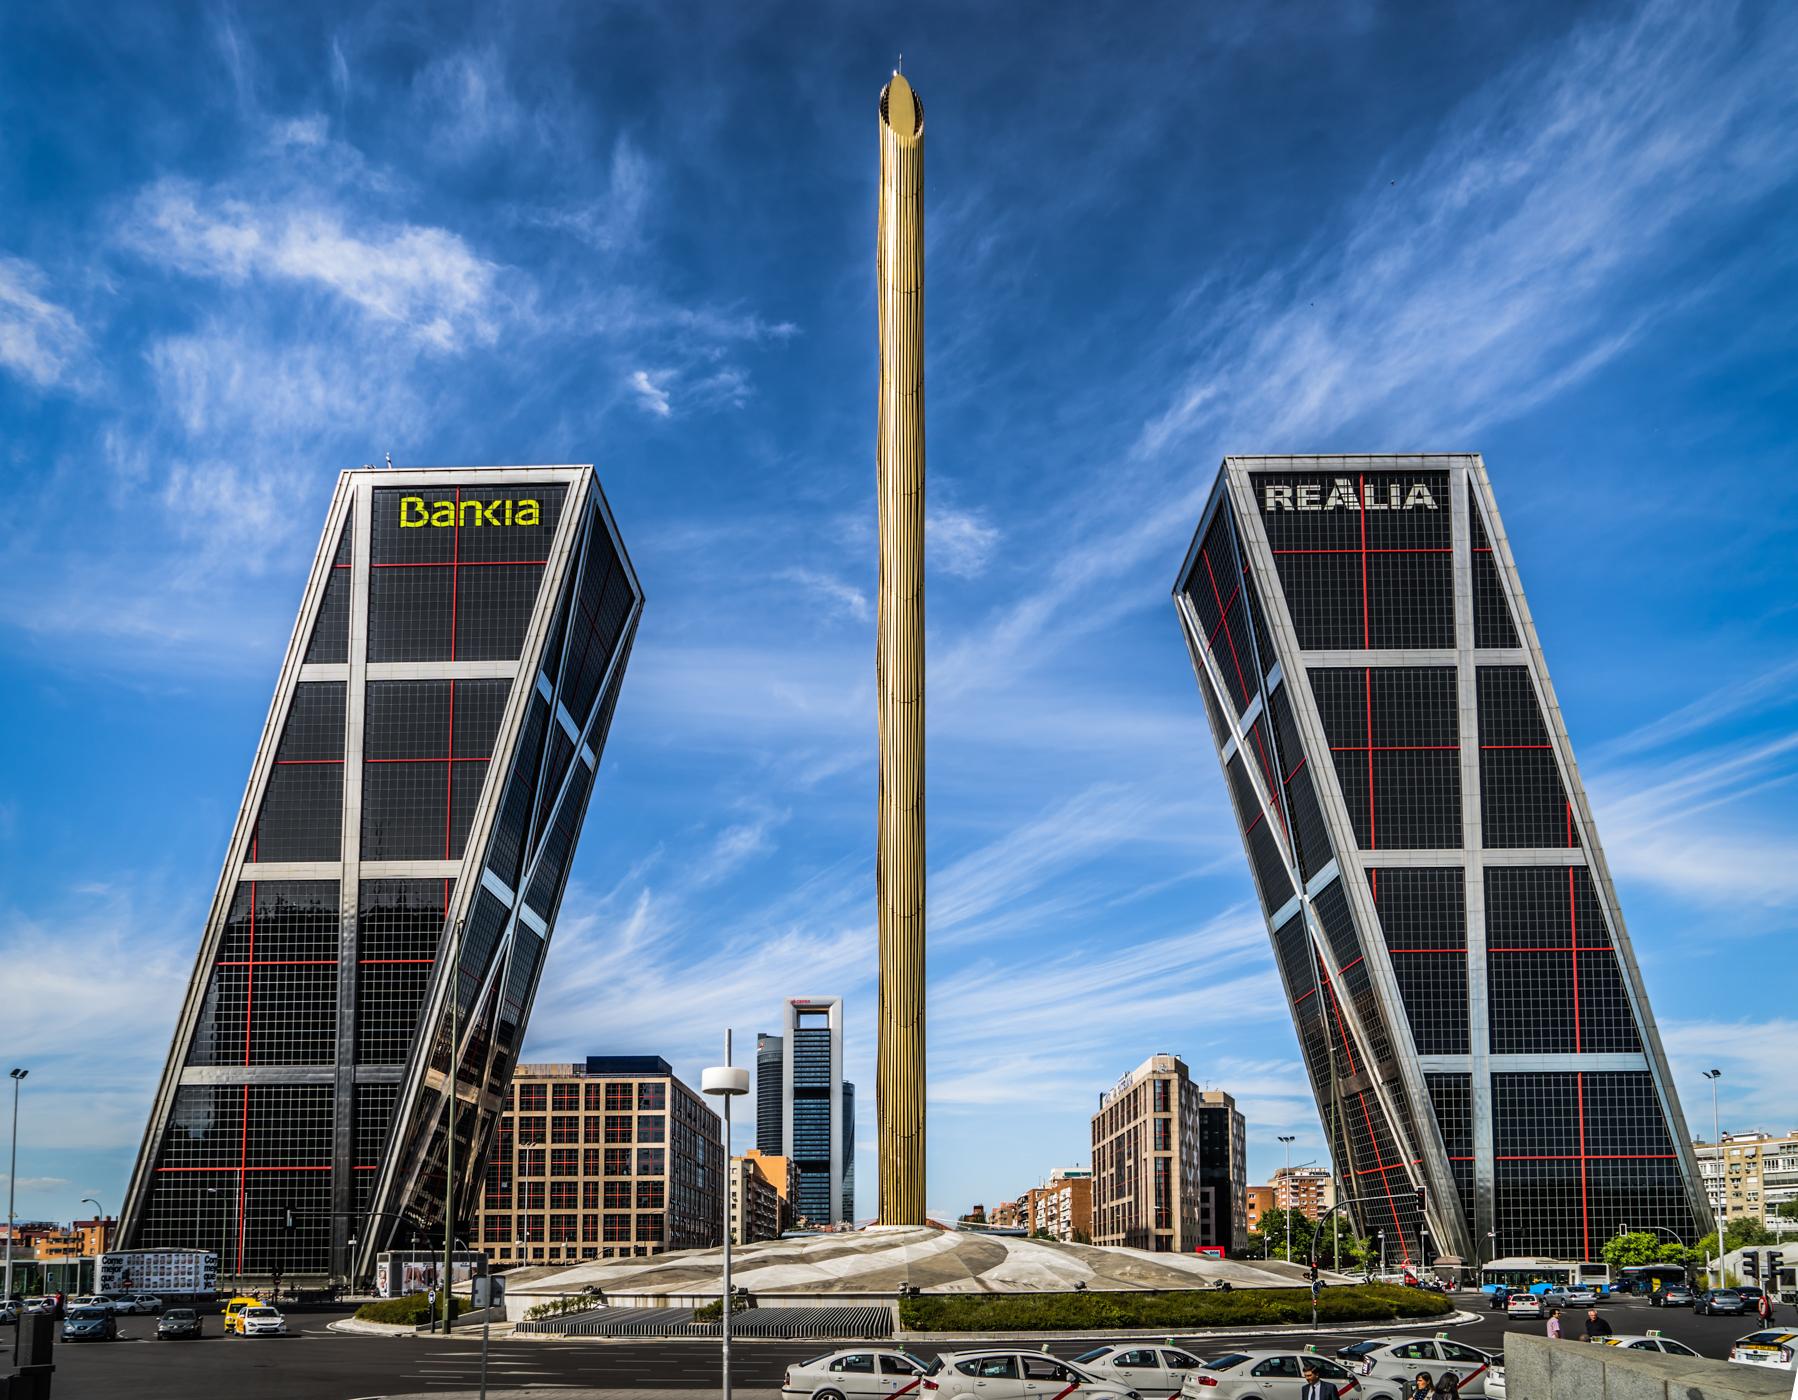 Torres KIO from Plaza de Castilla, Spain